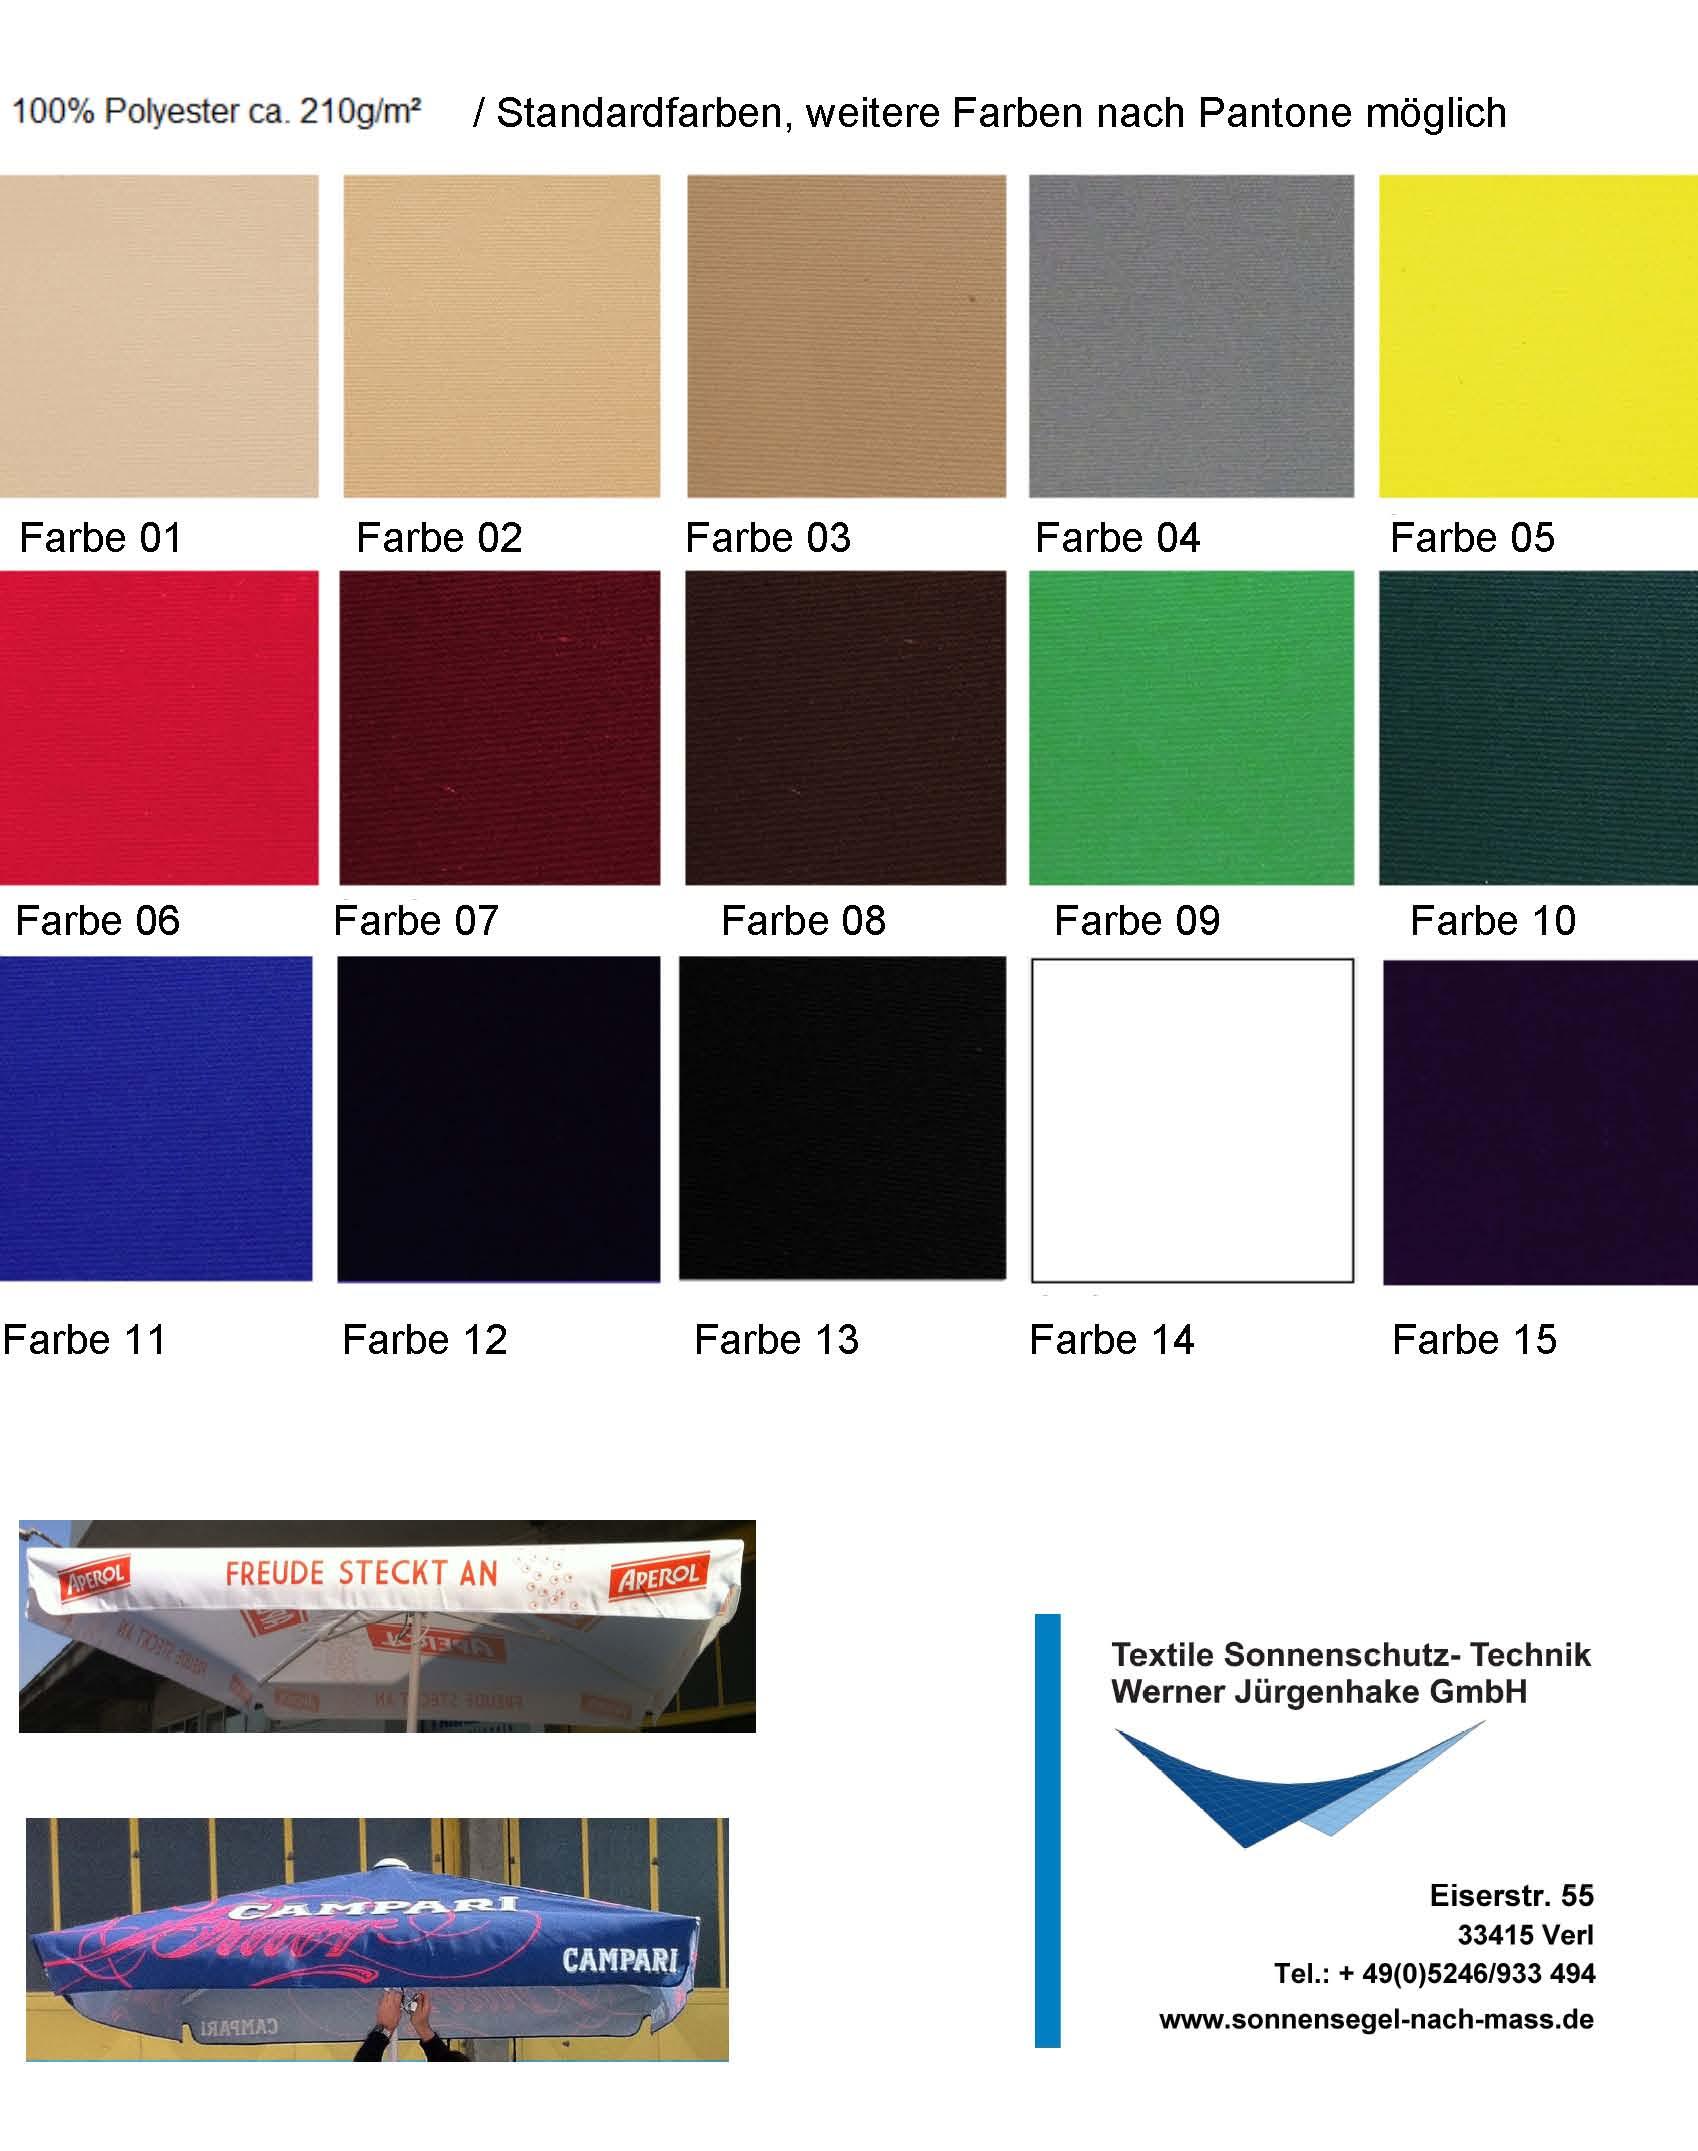 FarbenStandard_NEW